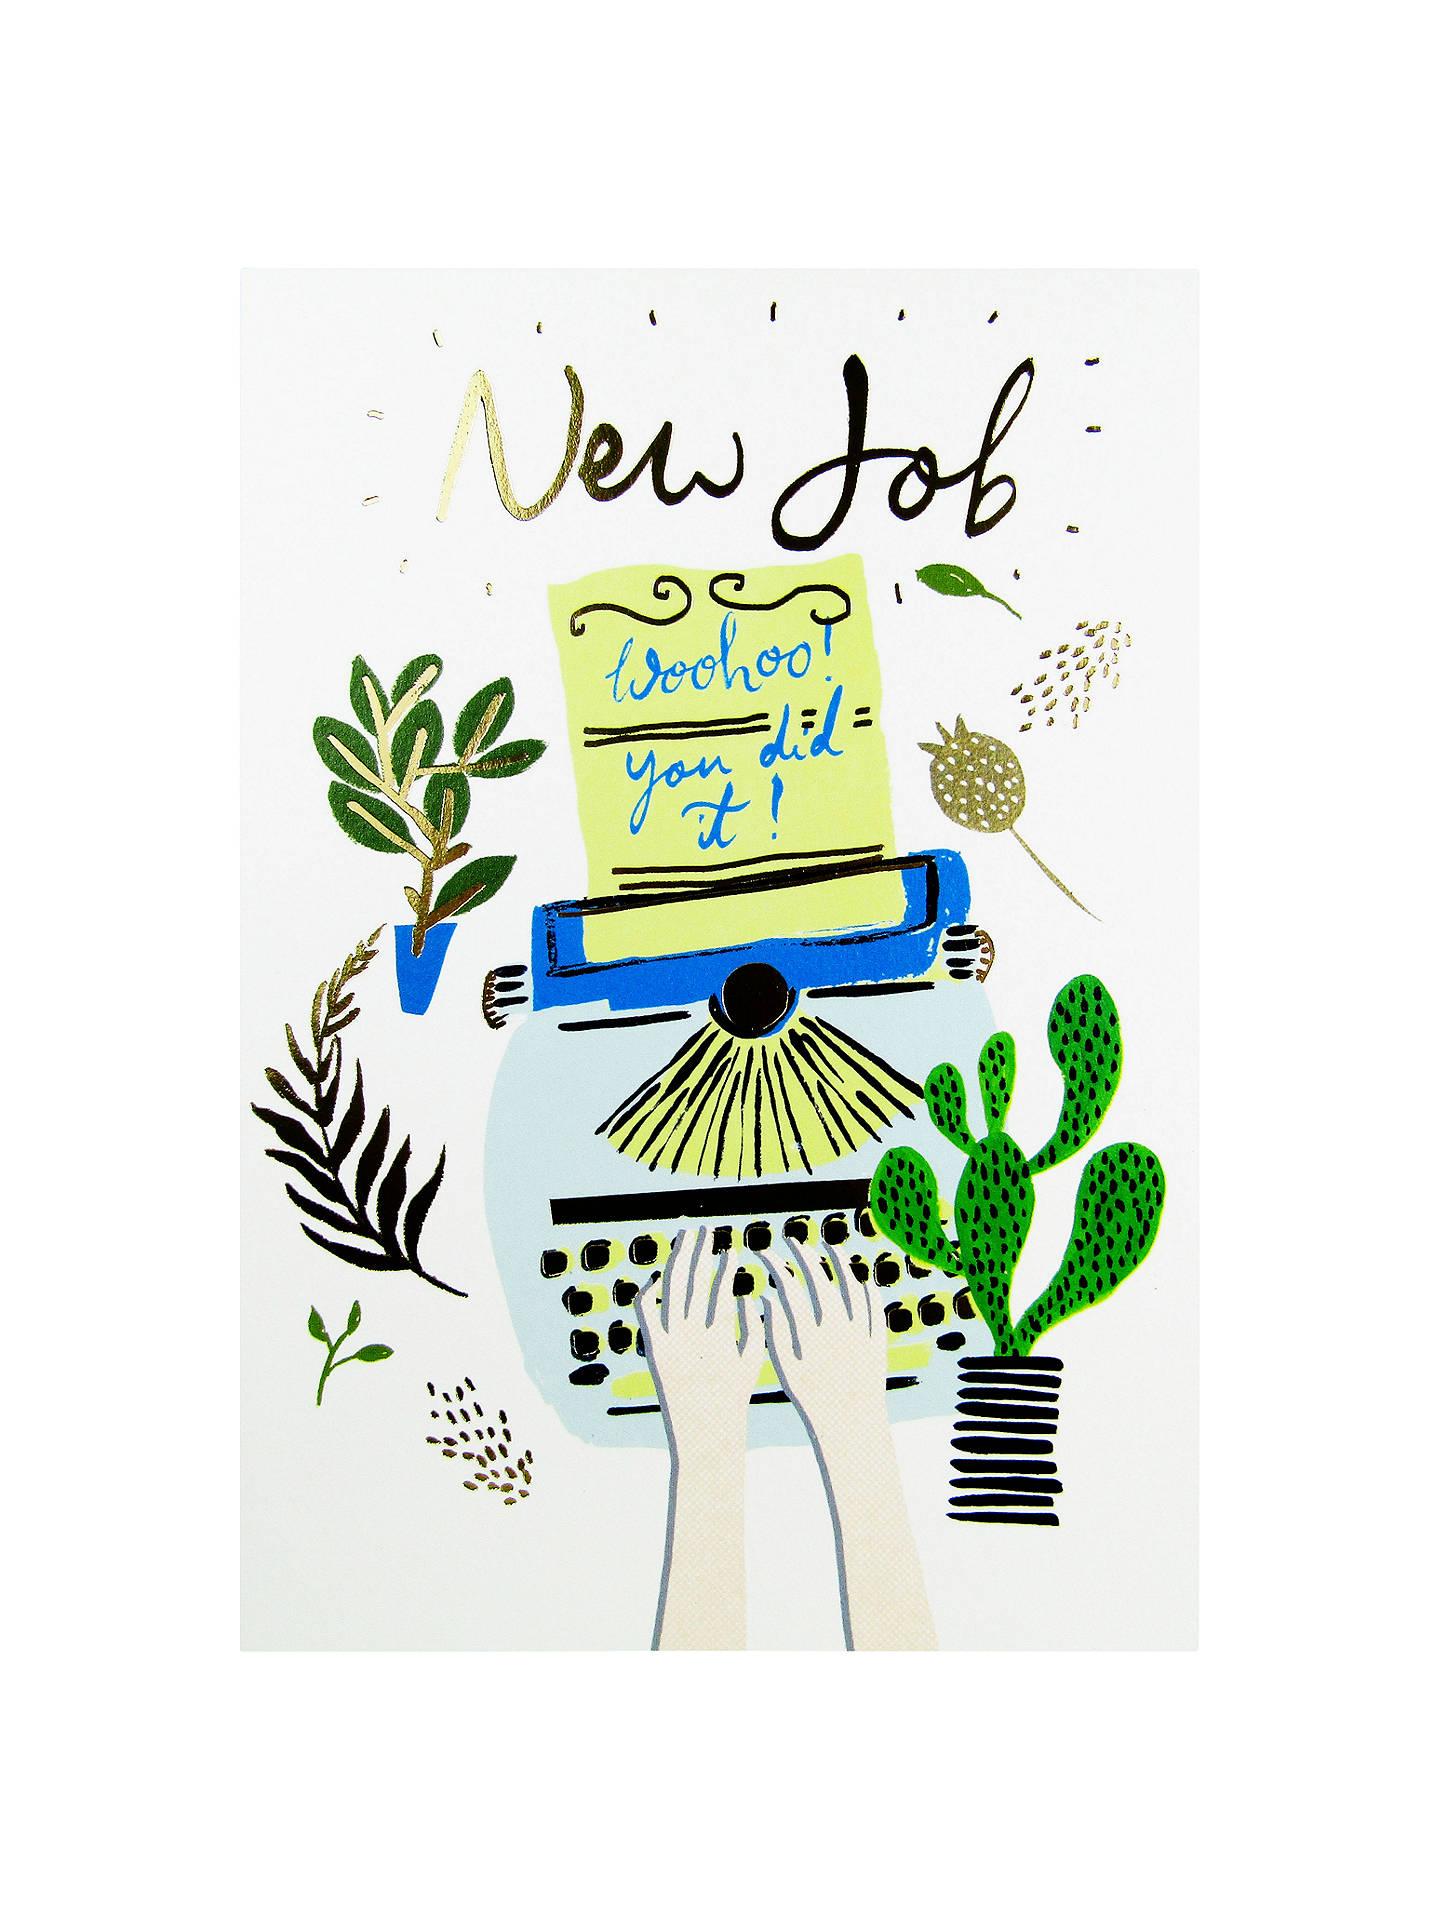 woodmansterne typewriter new job greeting card at john